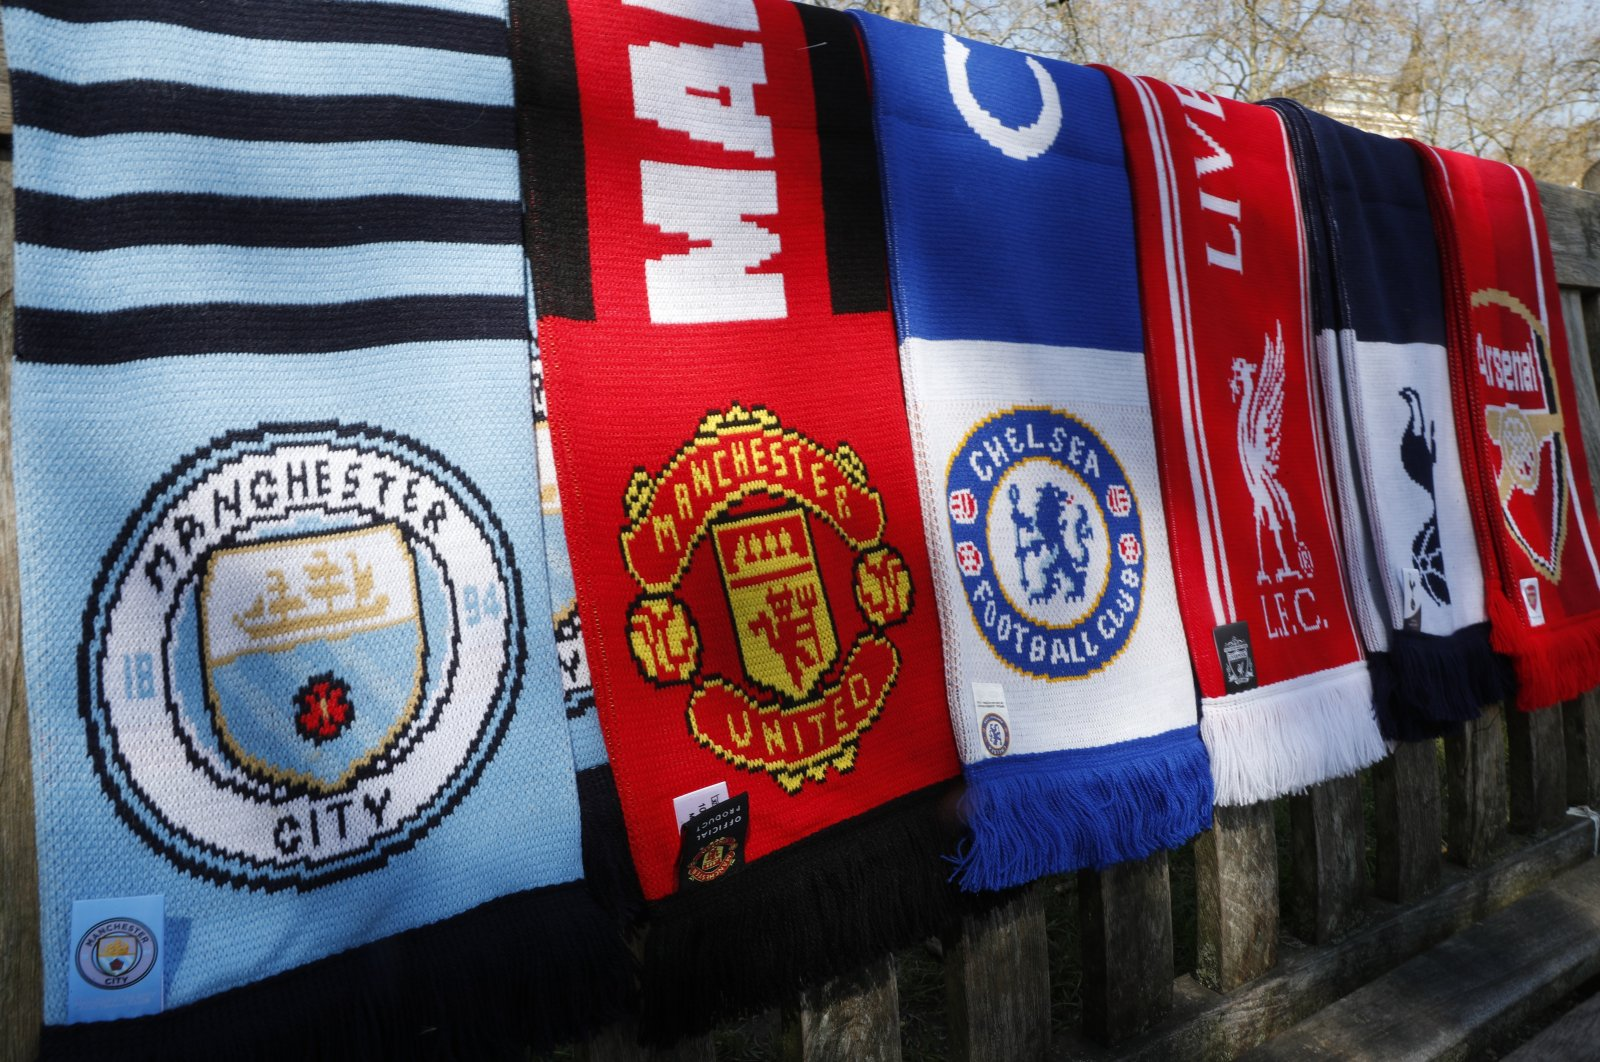 Scarves of the Premier League teams part of a proposed European Super League, London, Britain, April 19, 2021. (AP Photo)